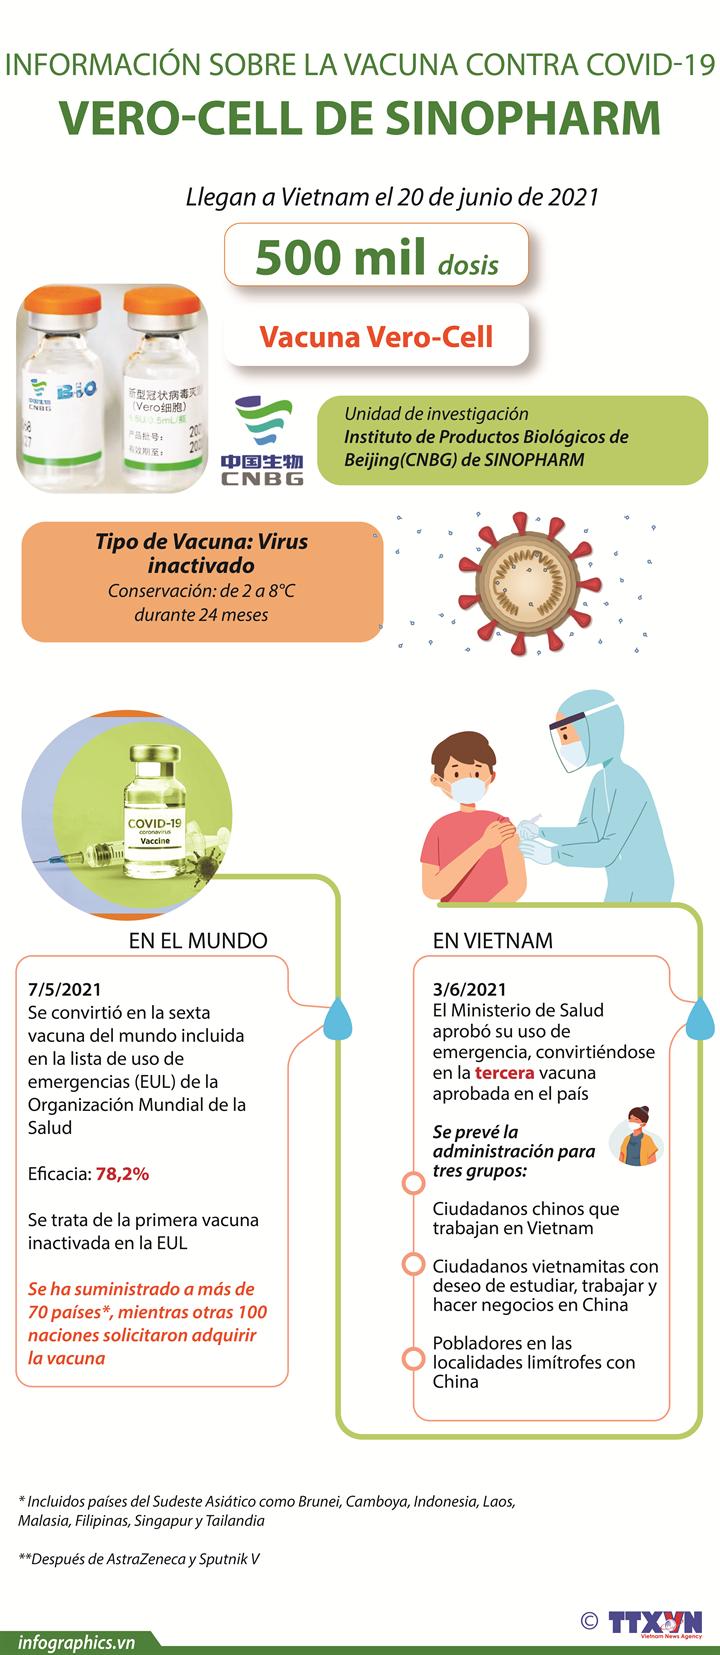 Información sobre la vacuna contra COVID-19 VERO-CELL de SINOPHARM